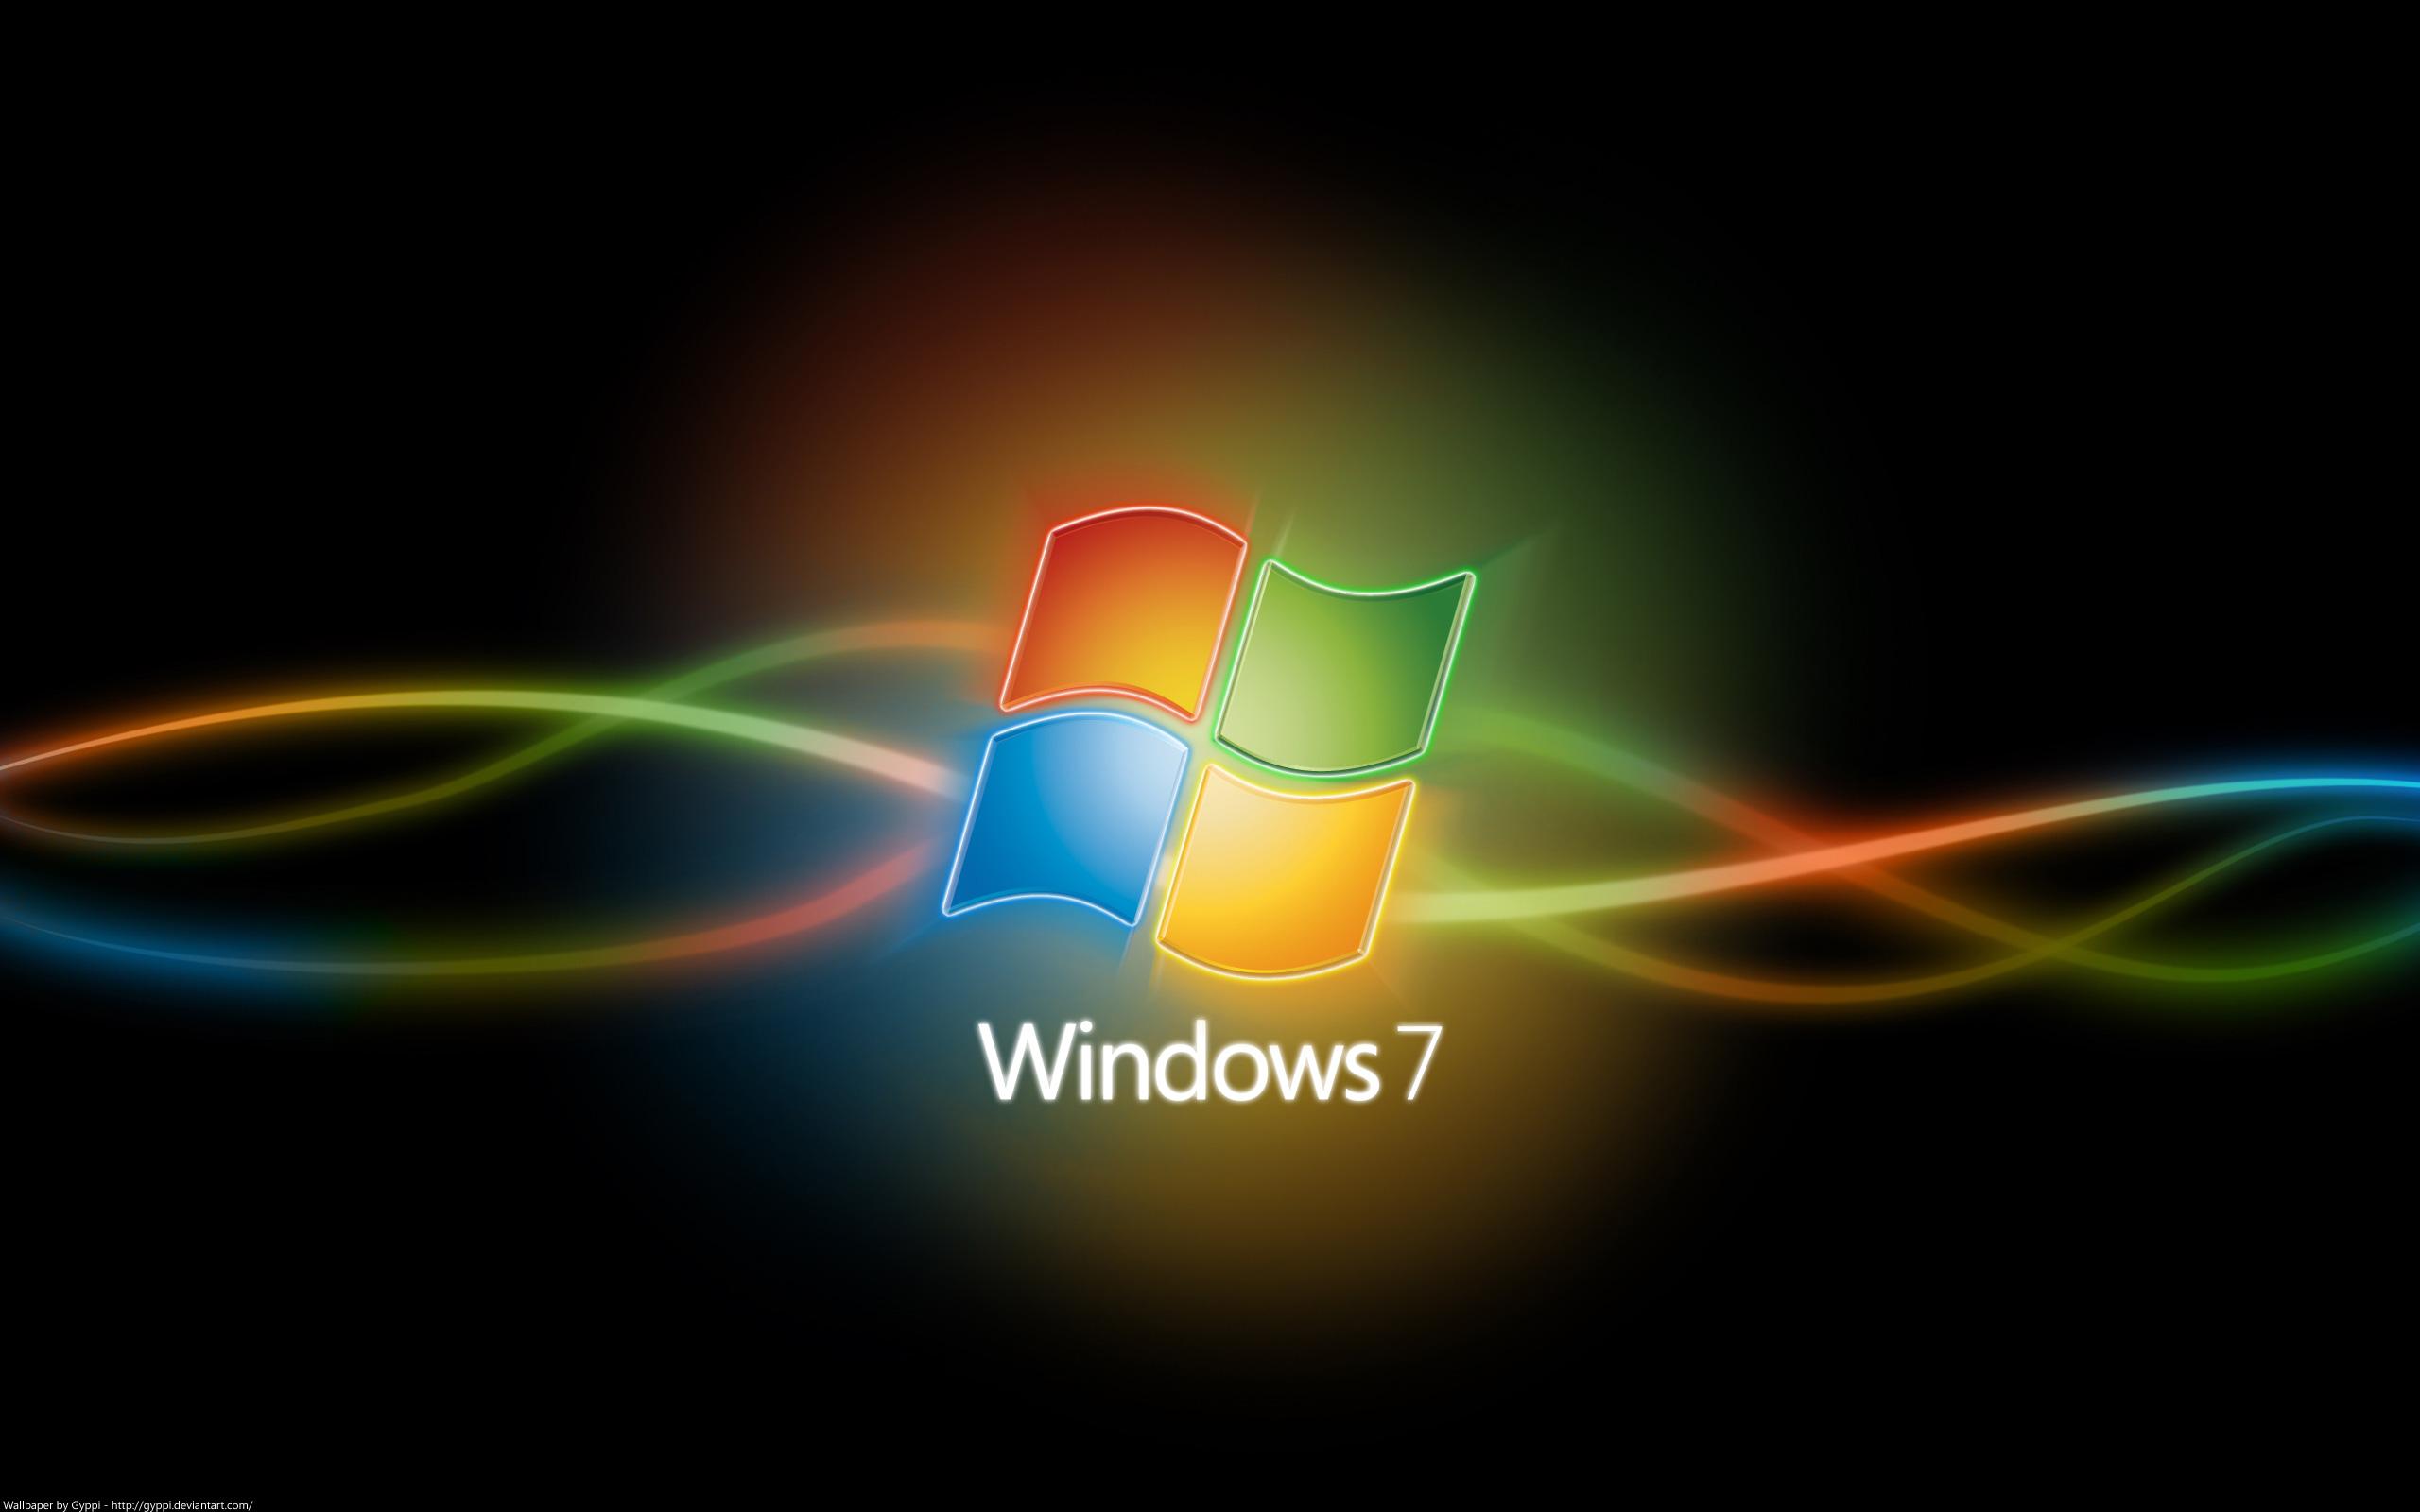 نرم افزار ویندوز 7 هوشمند